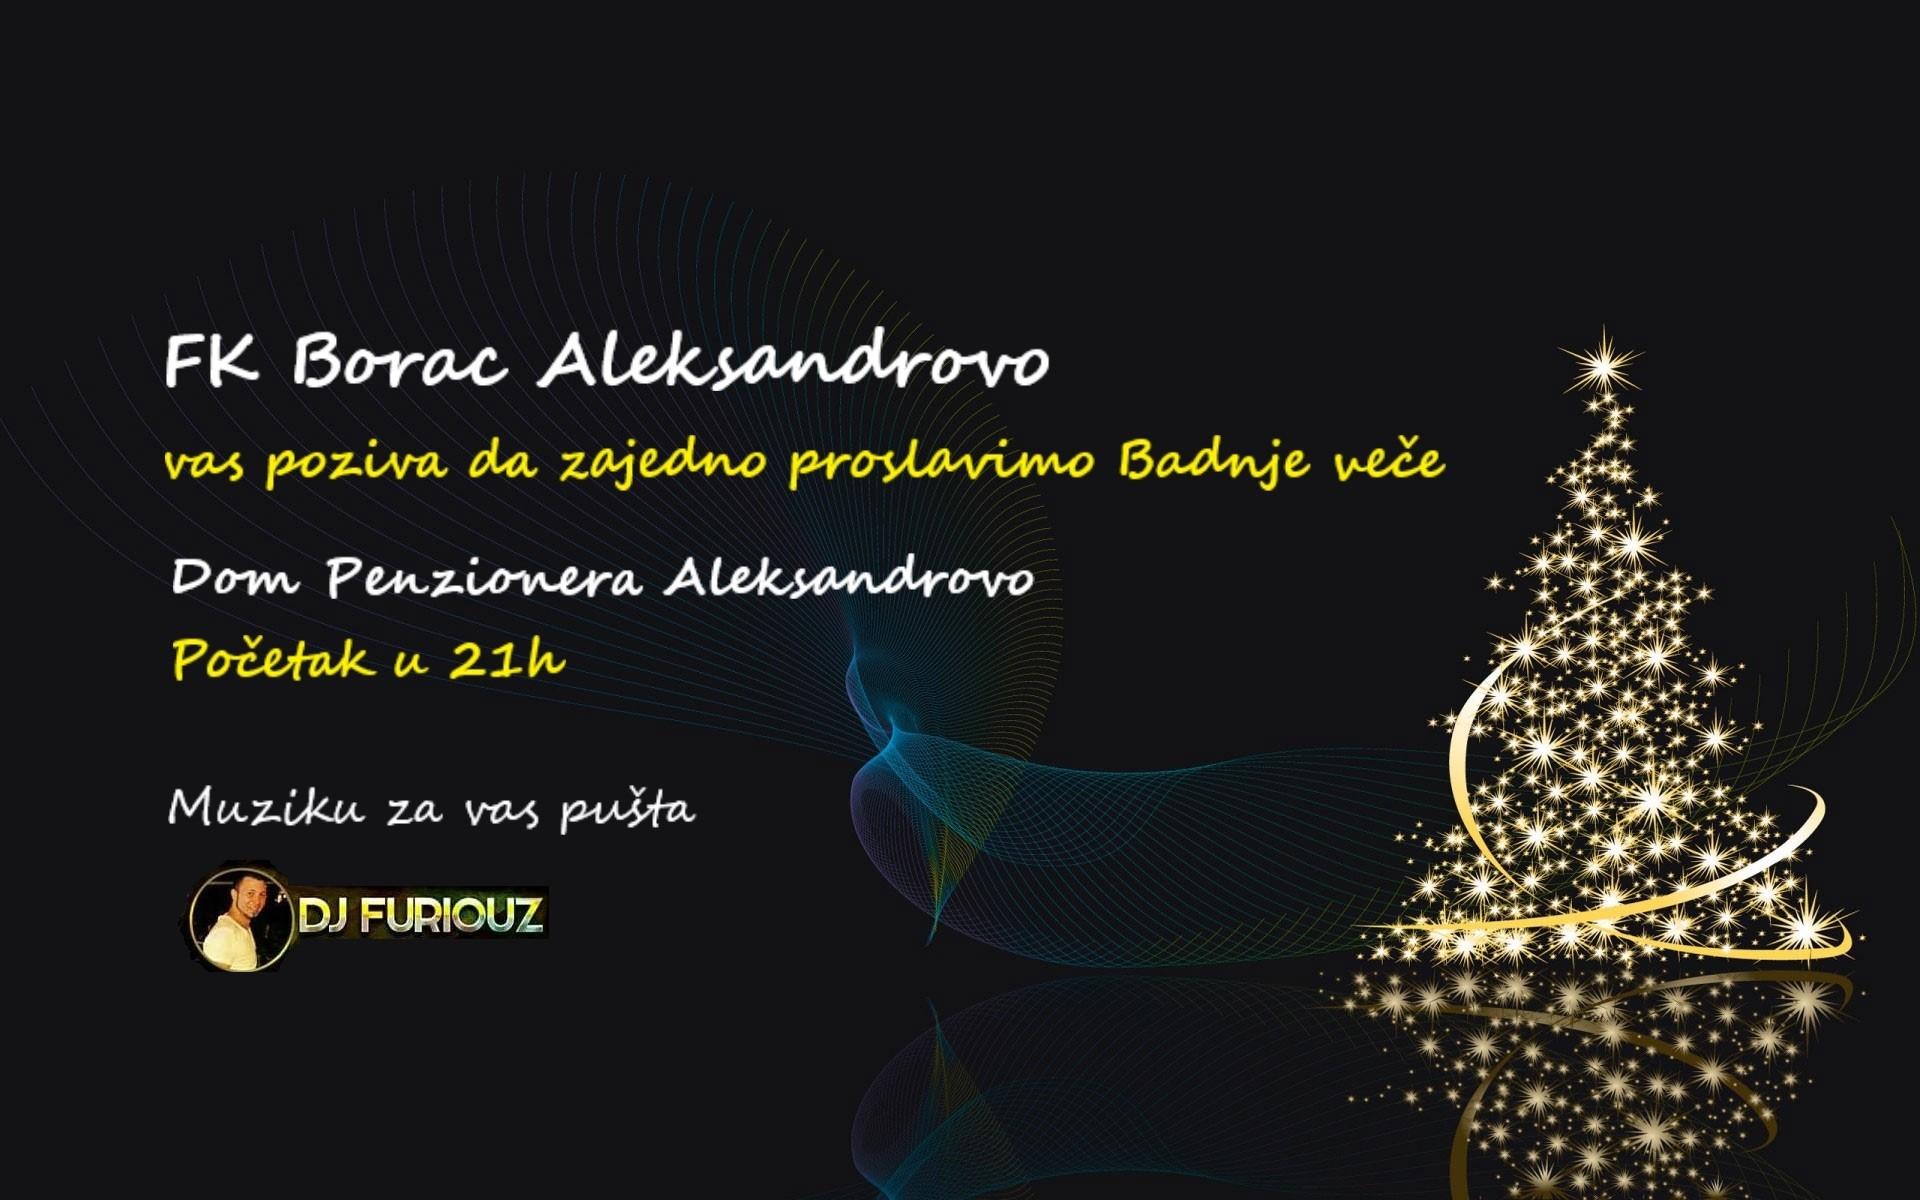 FK Borac Božićna proslava